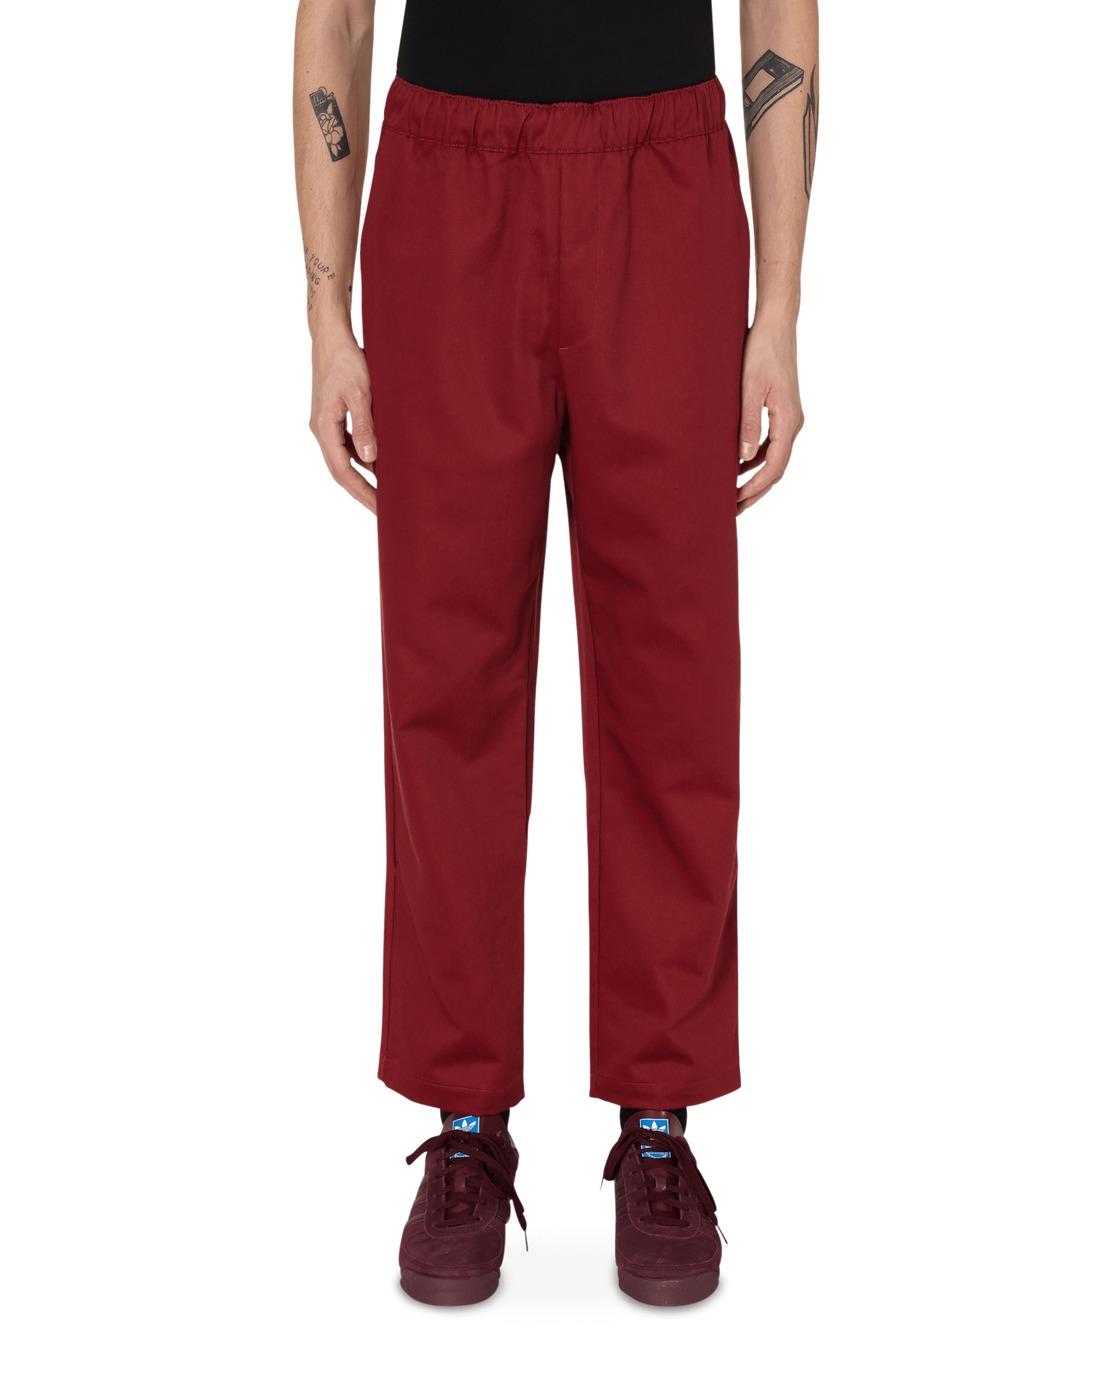 Adidas Originals Jonah Hill Chino Pants Noble Maroon